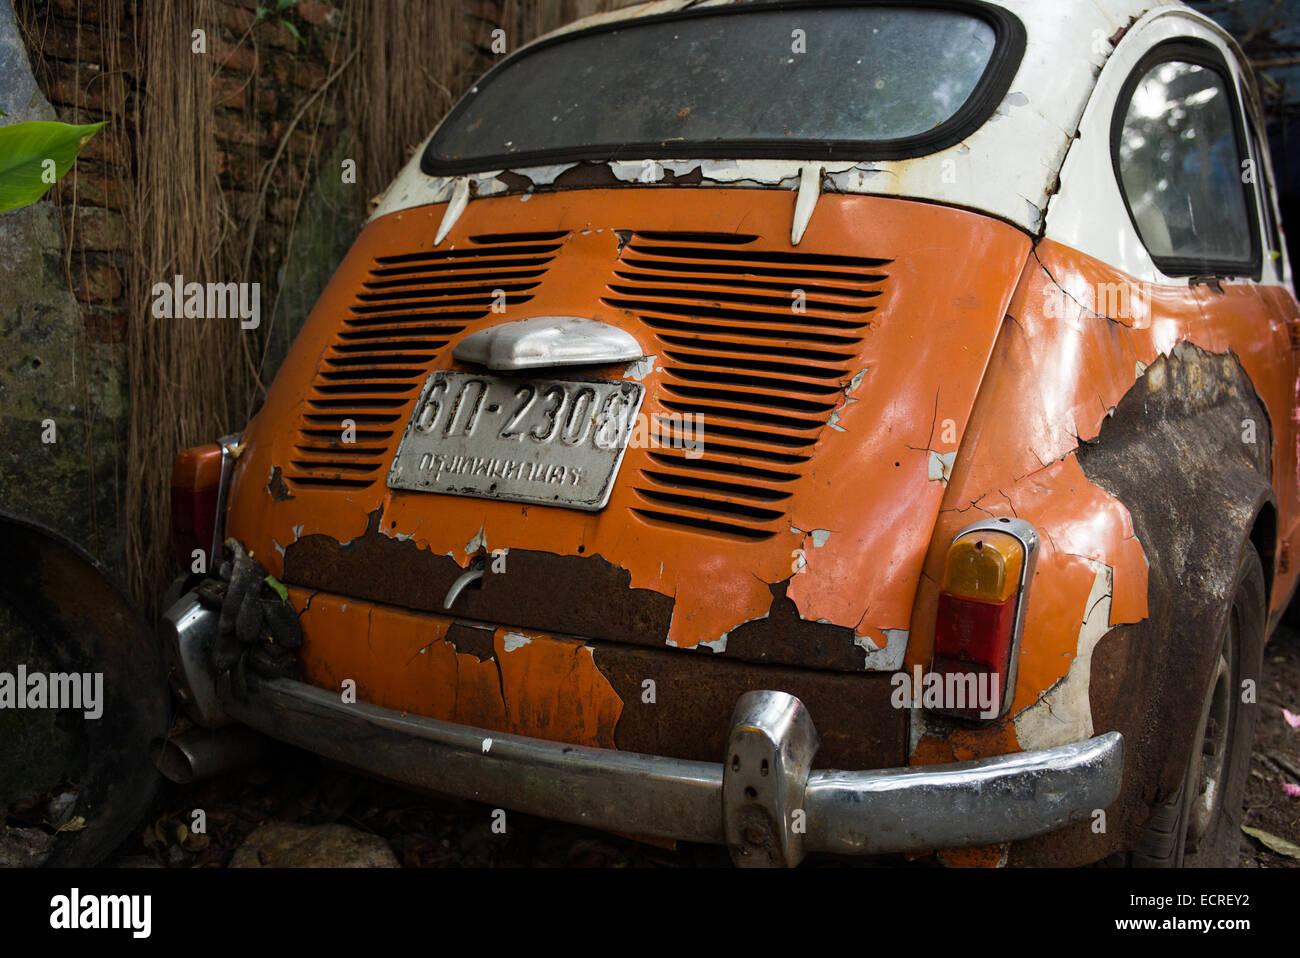 Wen2k Com Junk Yard Salvage Yard Auto Repair Garage: Junkyard Car Stock Photos & Junkyard Car Stock Images